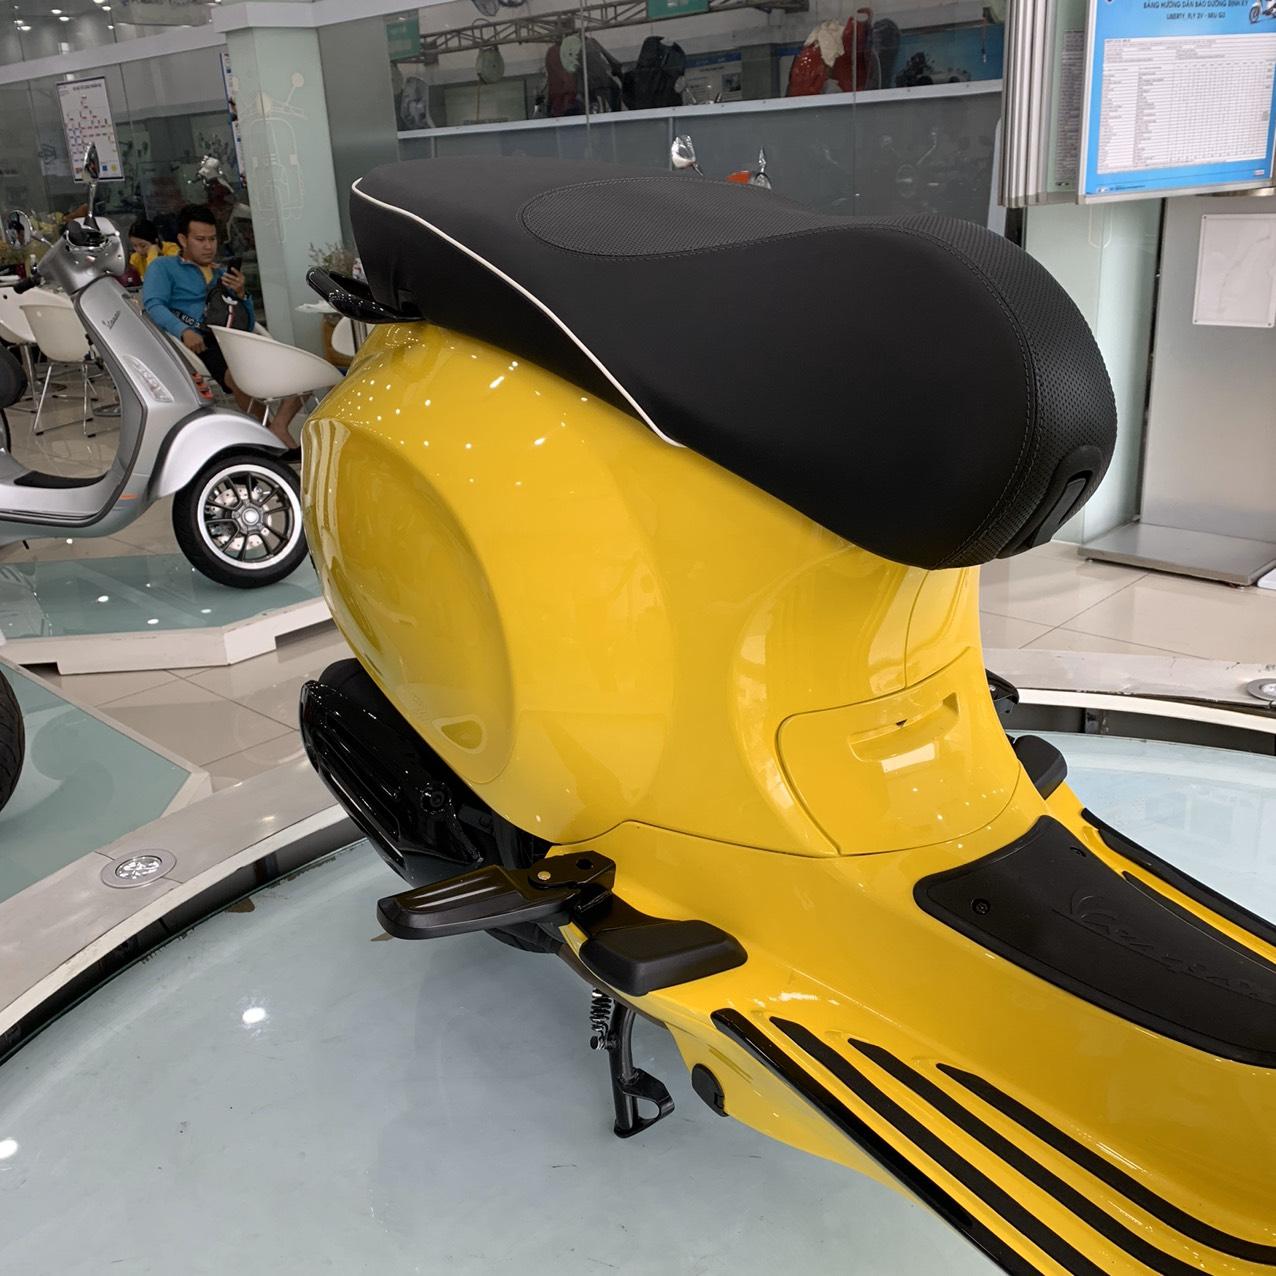 Bộ gác chân dành cho xe Vespa